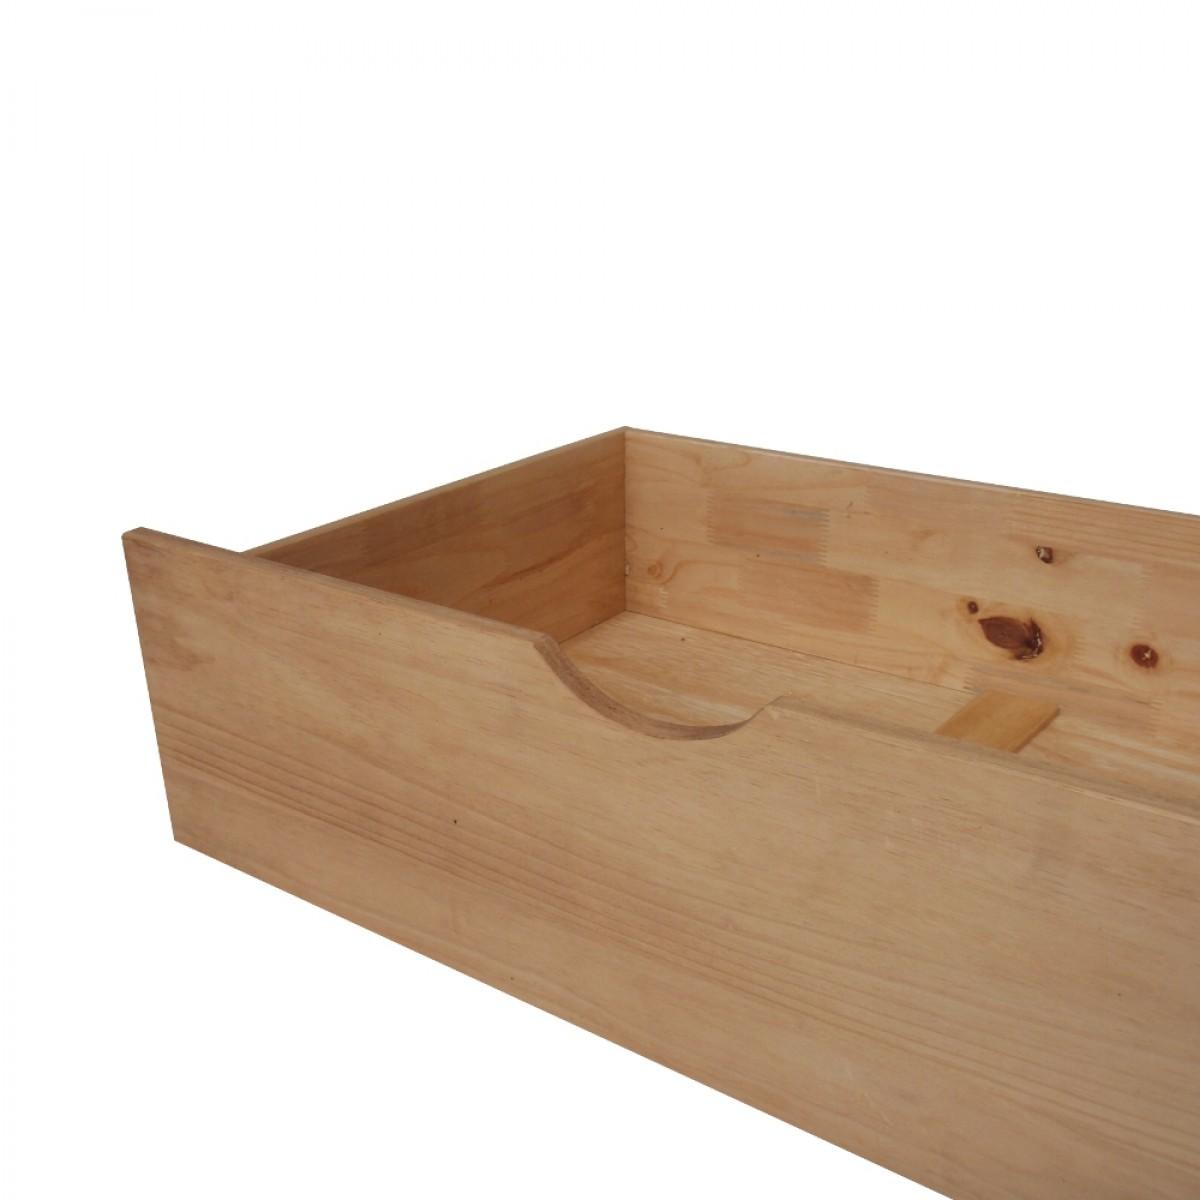 Waxed Pine Underbed Storage Drawers - Pair